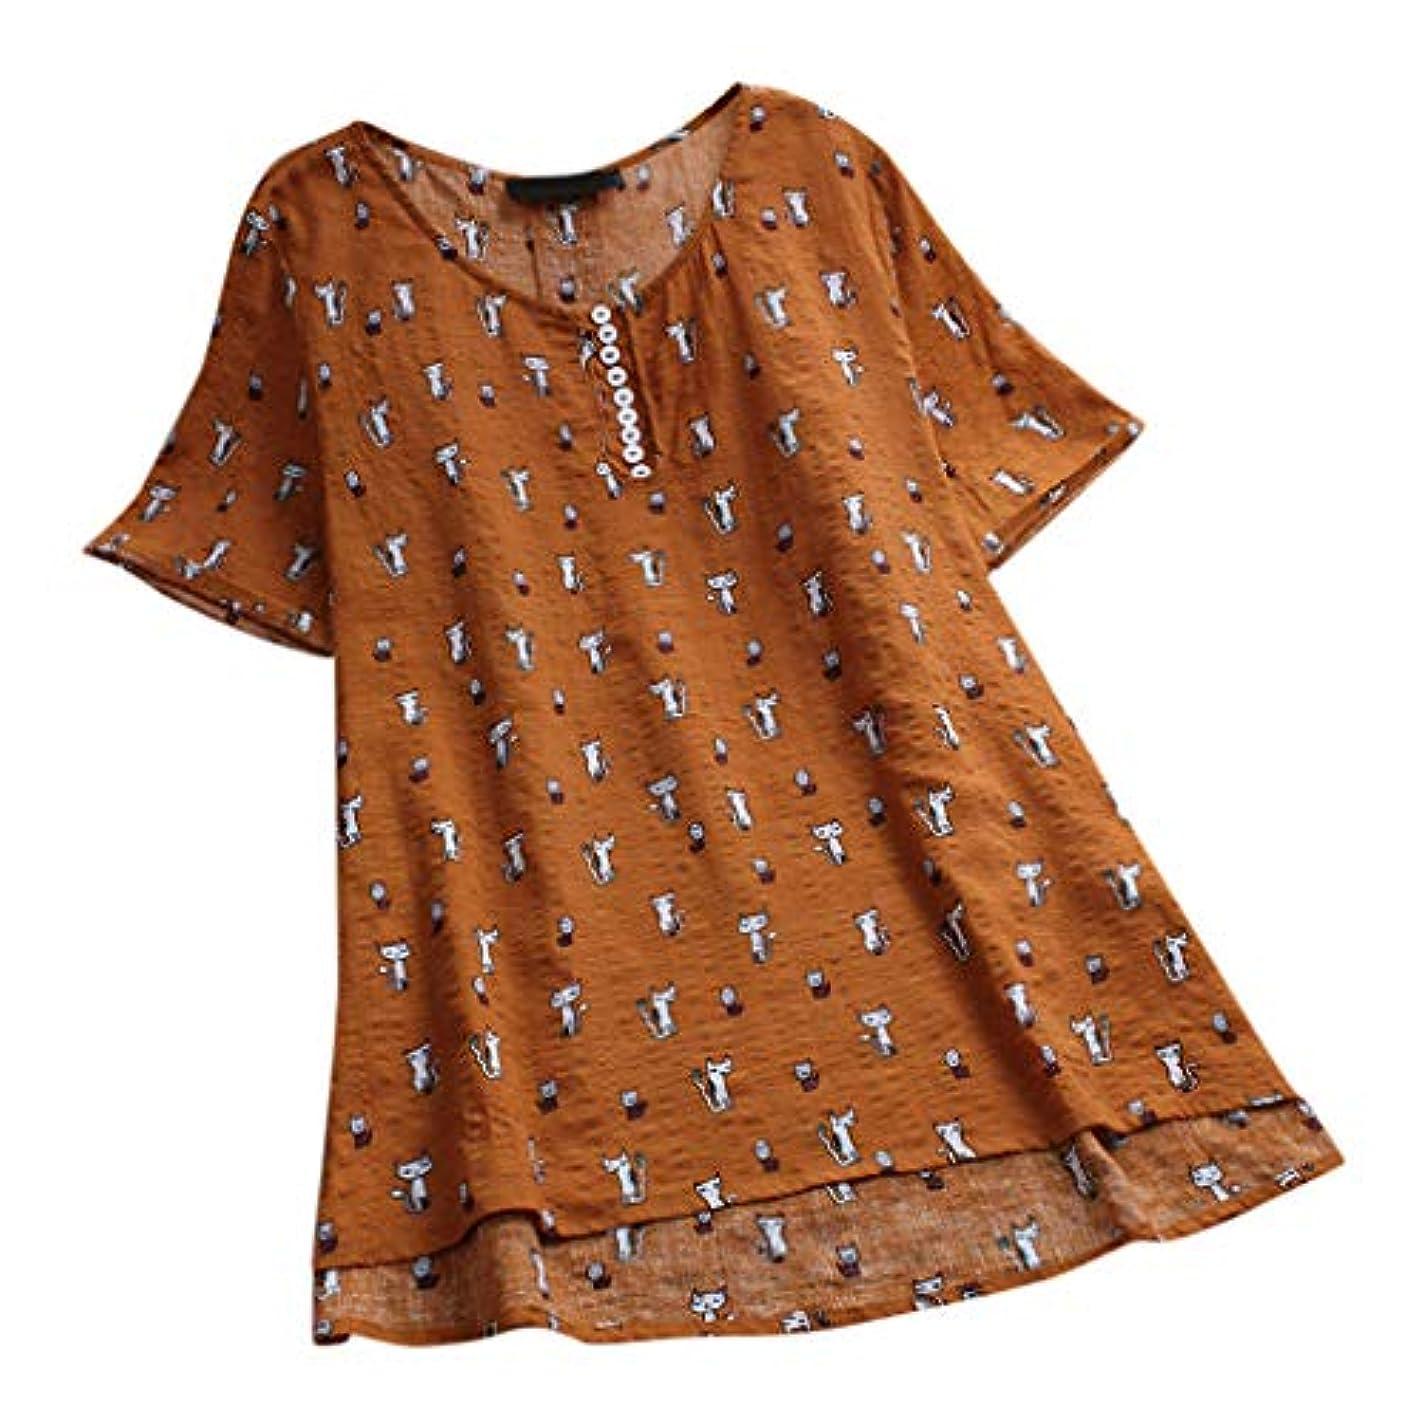 キャンバス上昇ダンスレディース tシャツ プラスサイズ 半袖 丸首 猫プリント ボタン ビンテージ チュニック トップス 短いドレス ブラウス 人気 夏服 快適な 軽い 柔らかい かっこいい ワイシャツ カジュアル シンプル オシャレ 春夏秋 対応